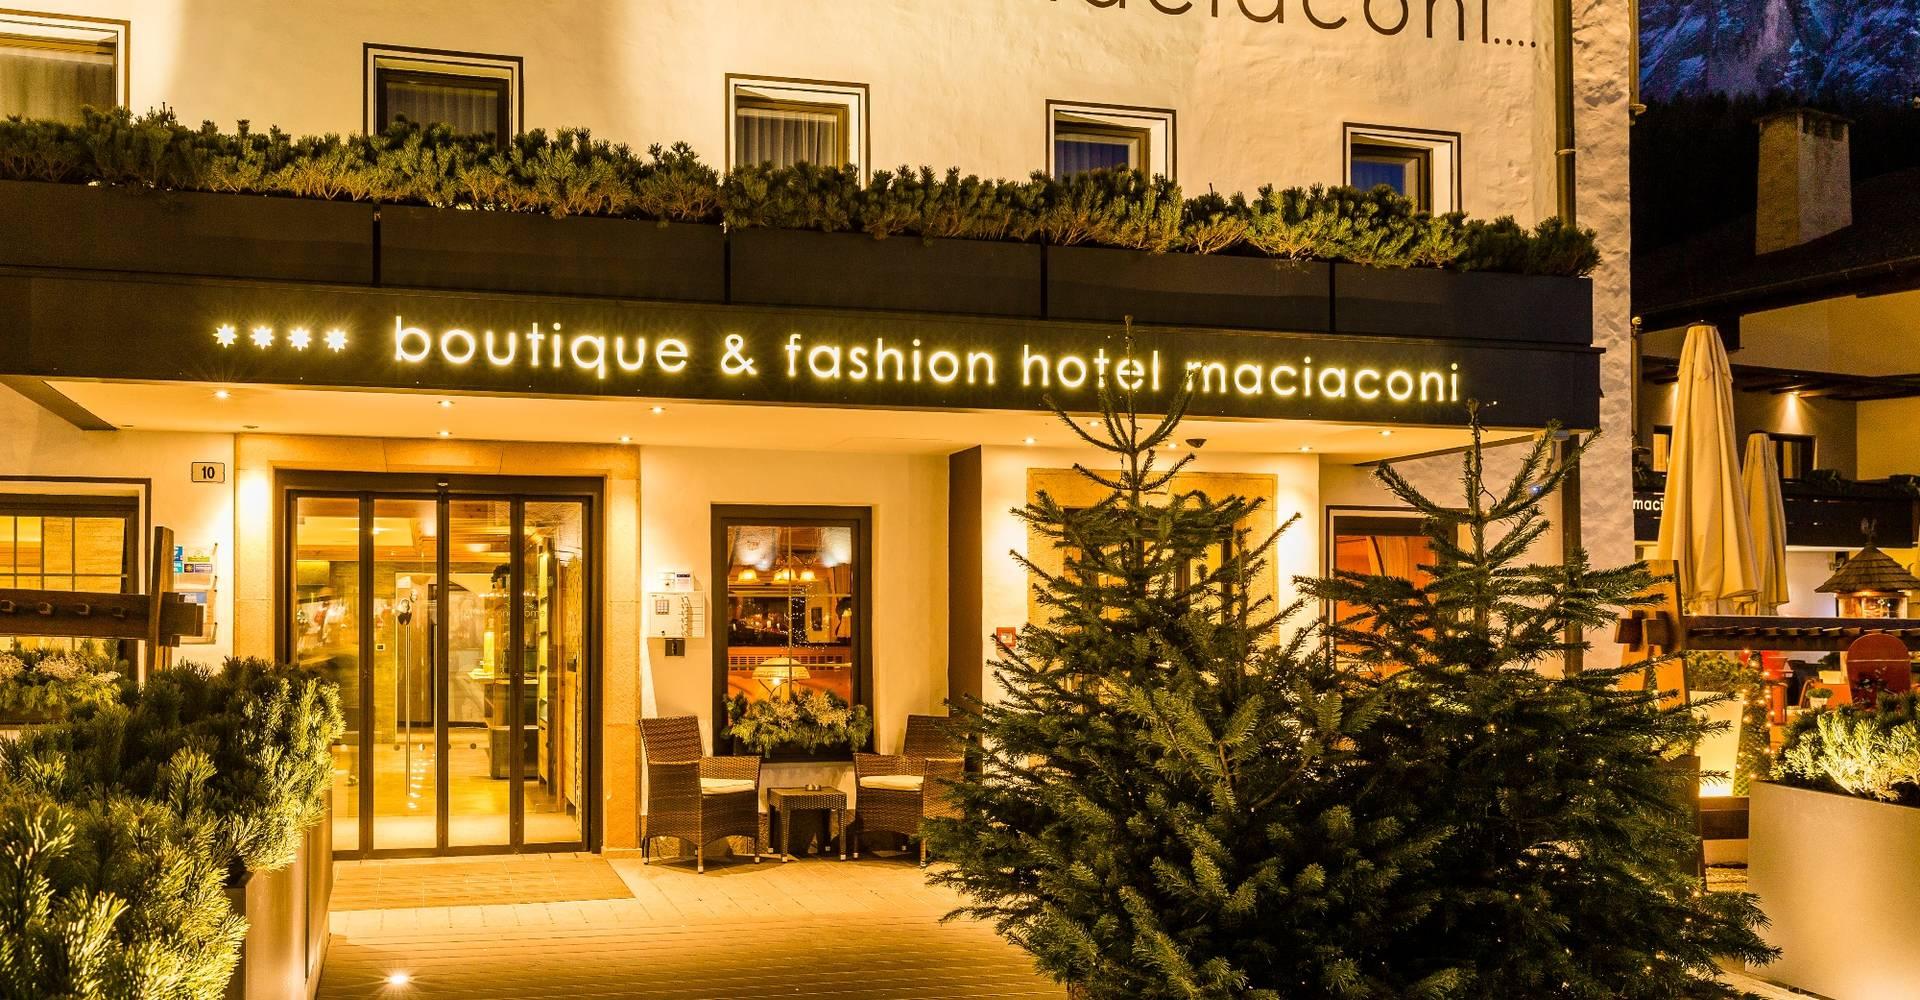 Boutique fashion hotel maciaconi wolkenstein gr den for Design hotel wolkenstein